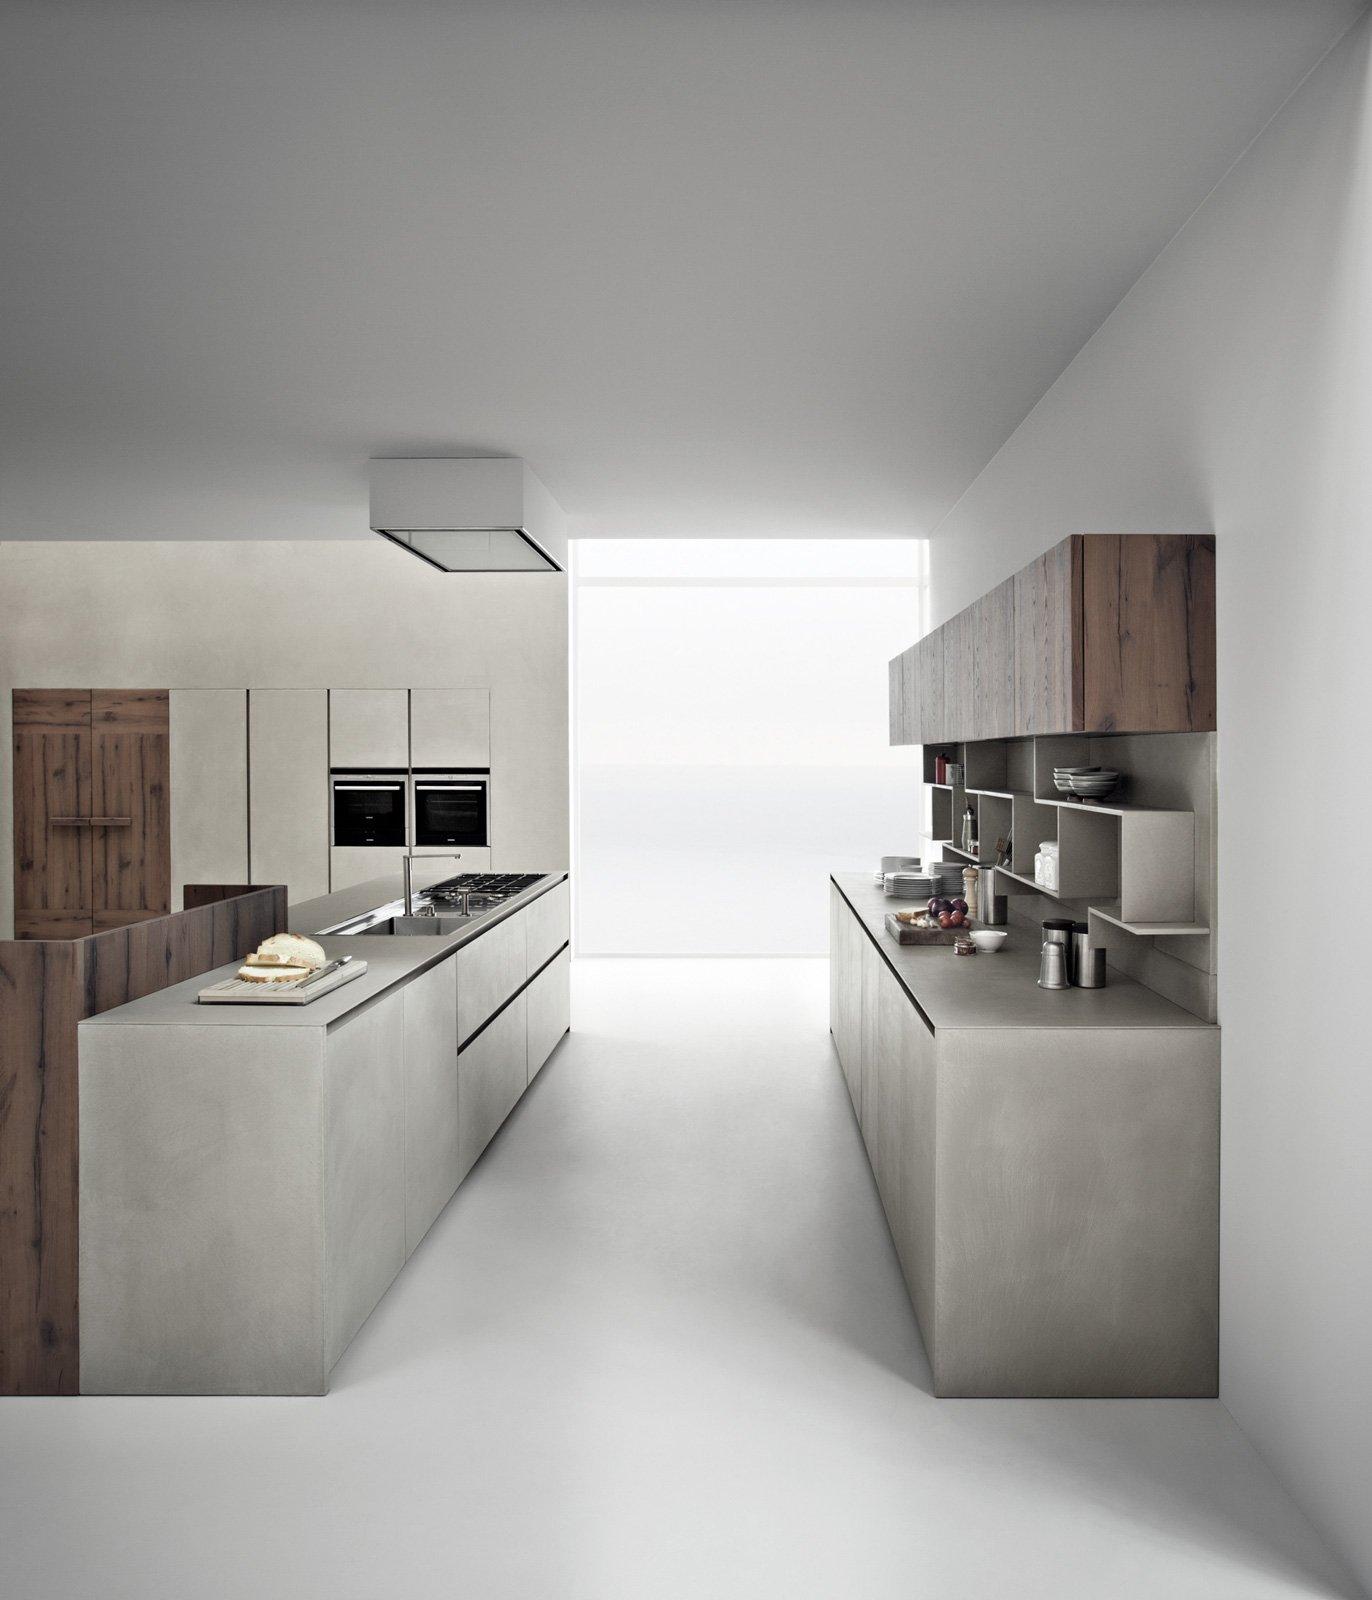 Piani di lavoro innovativi per la cucina cose di casa - Piani cucina cemento ...